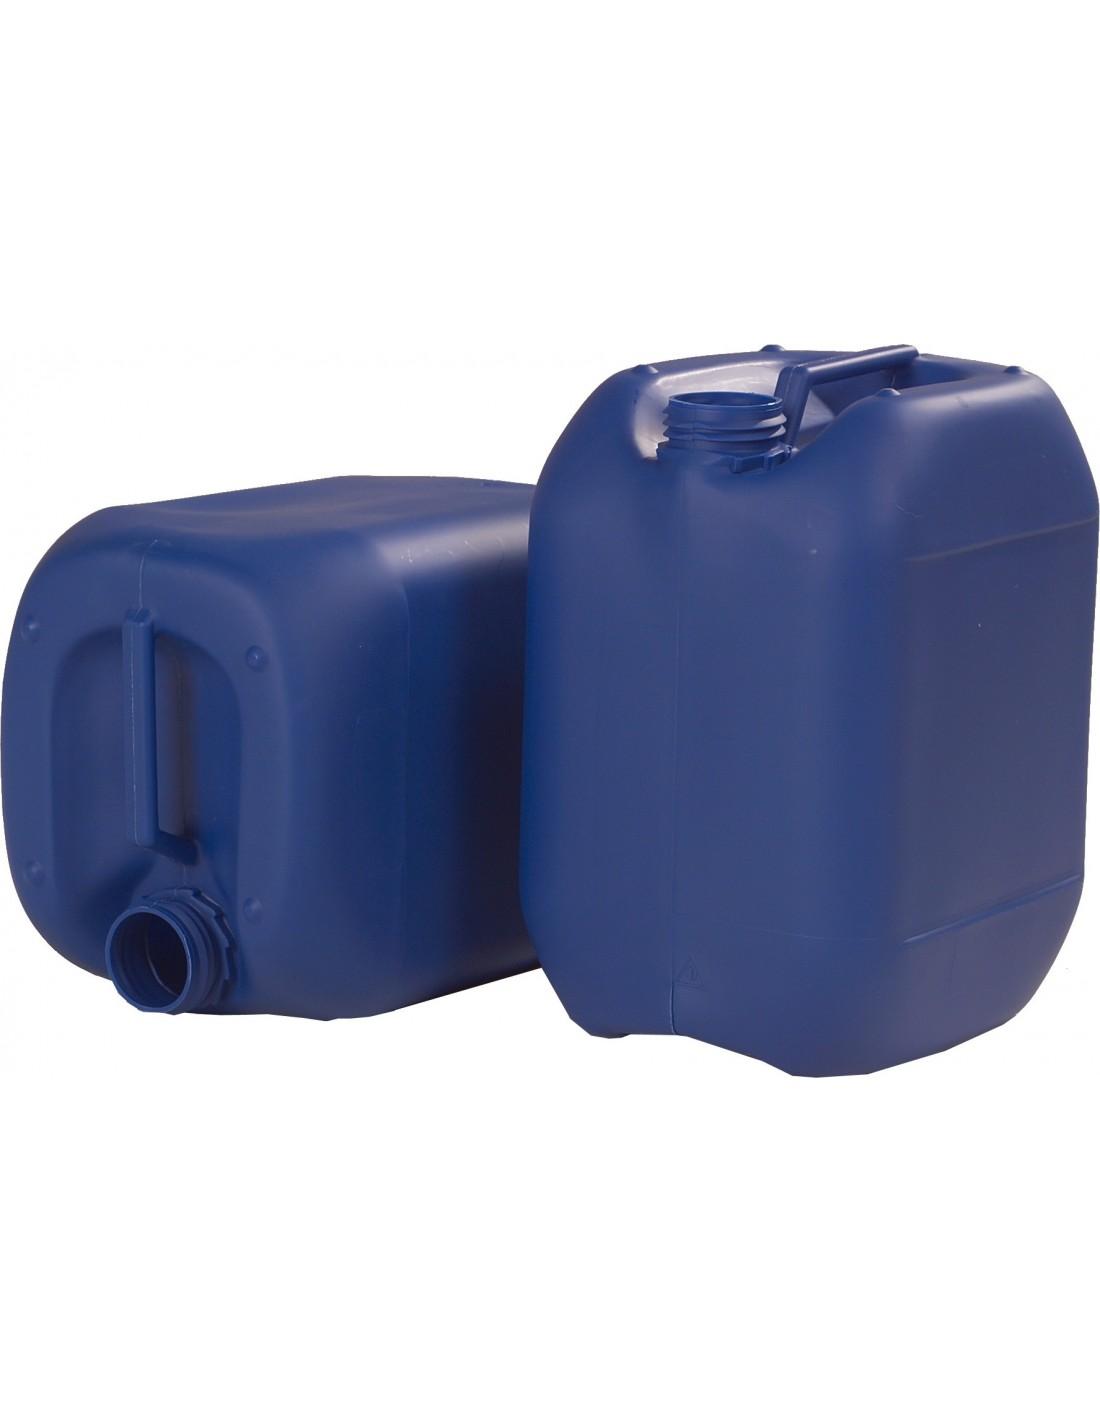 25 Liter Kanister, UN-Y, ohne Verschluss